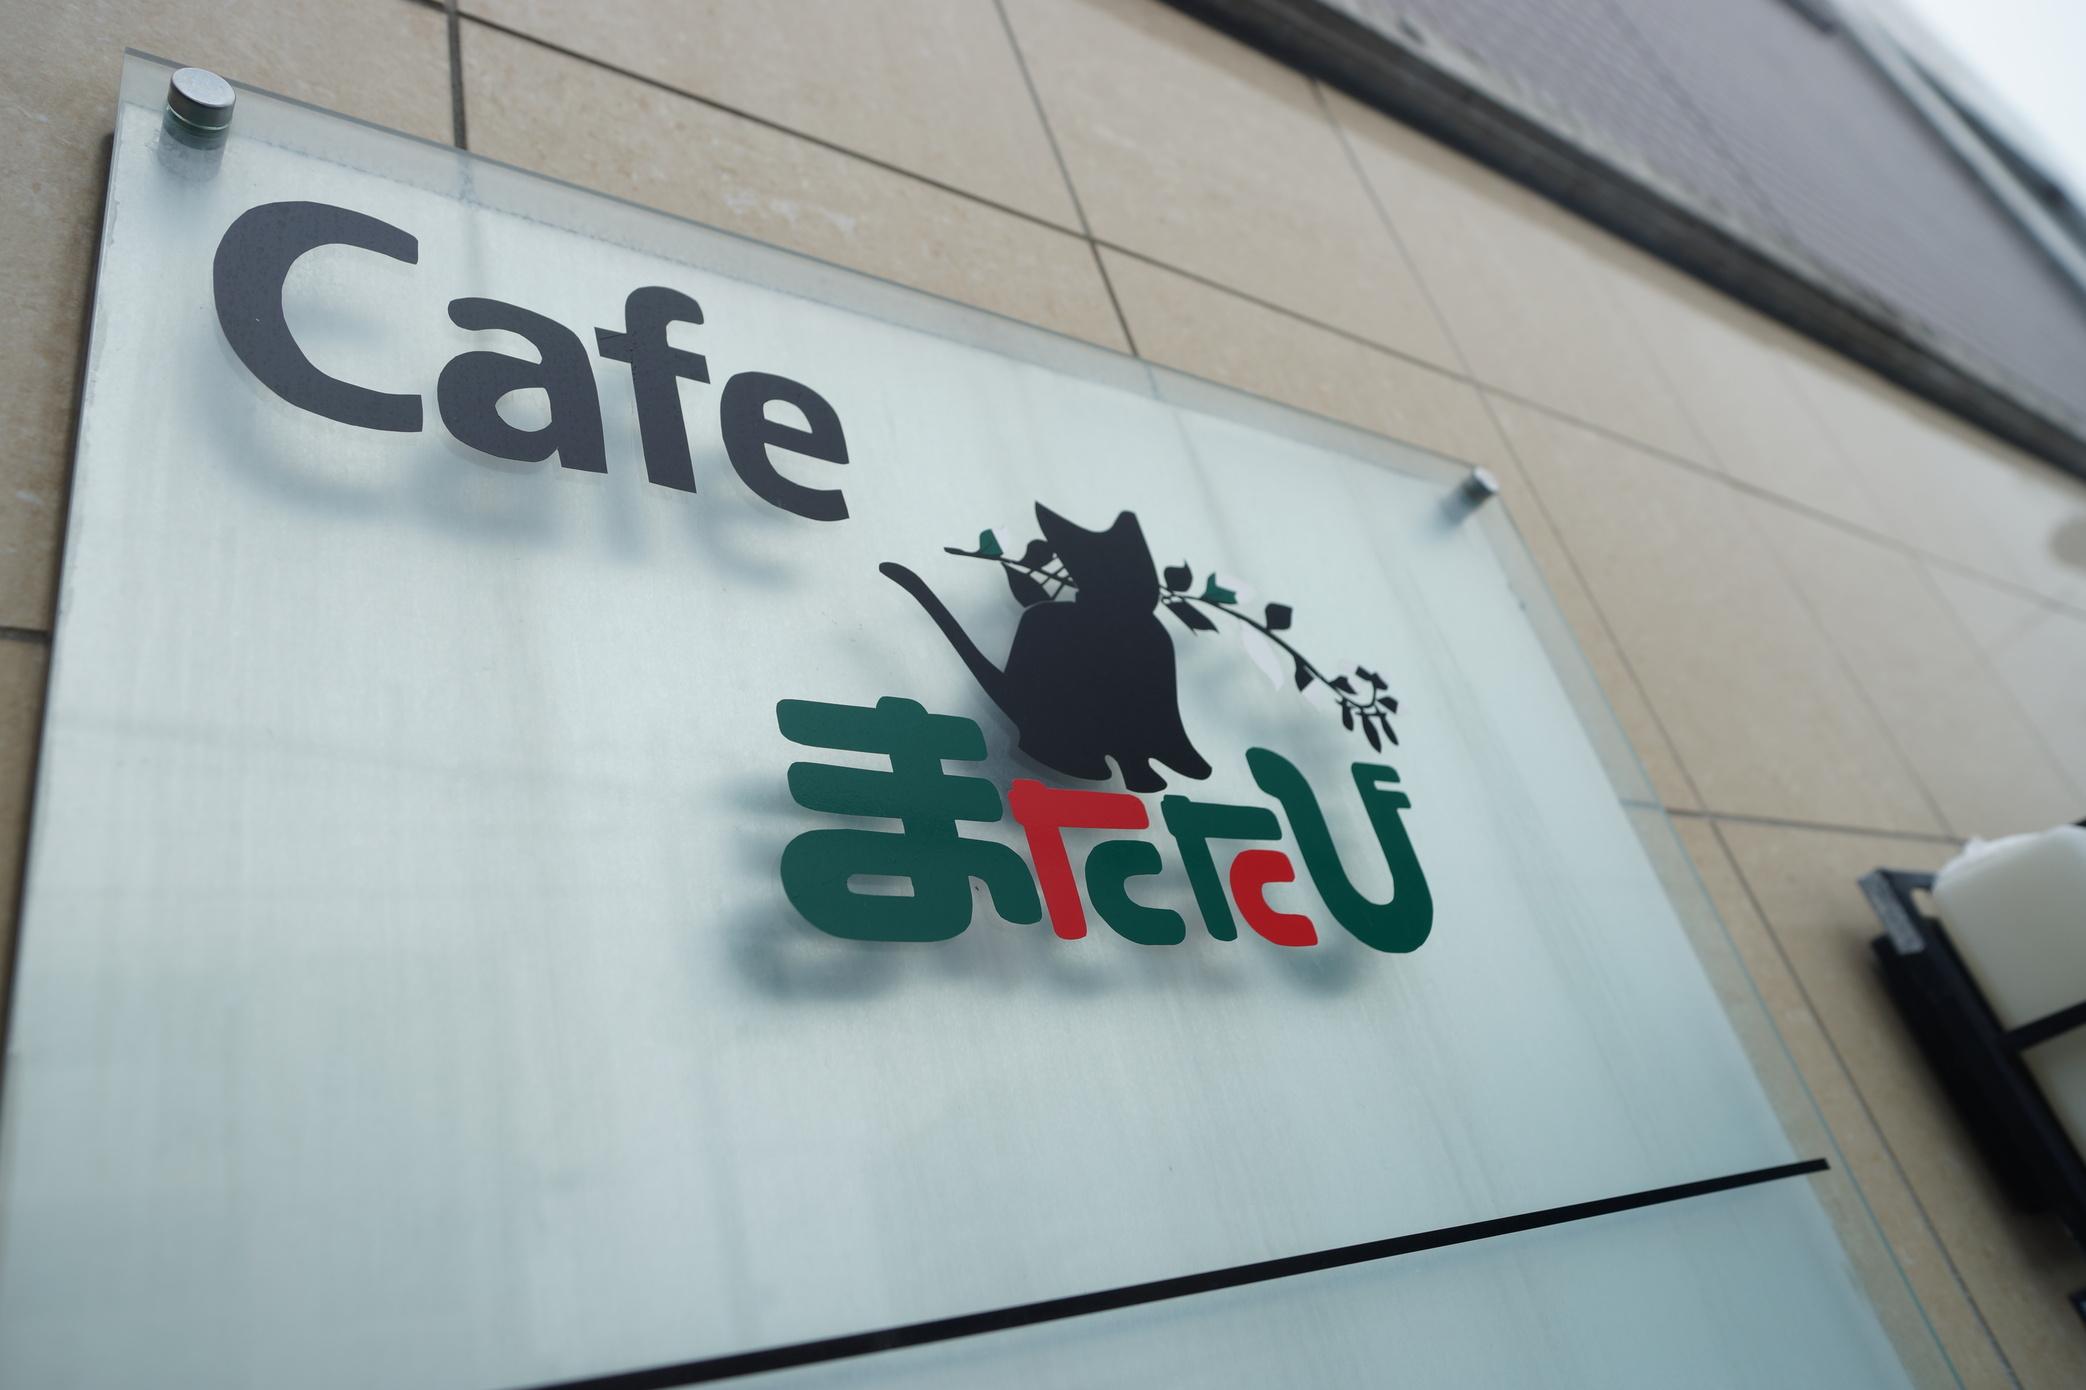 Cafeまたたび